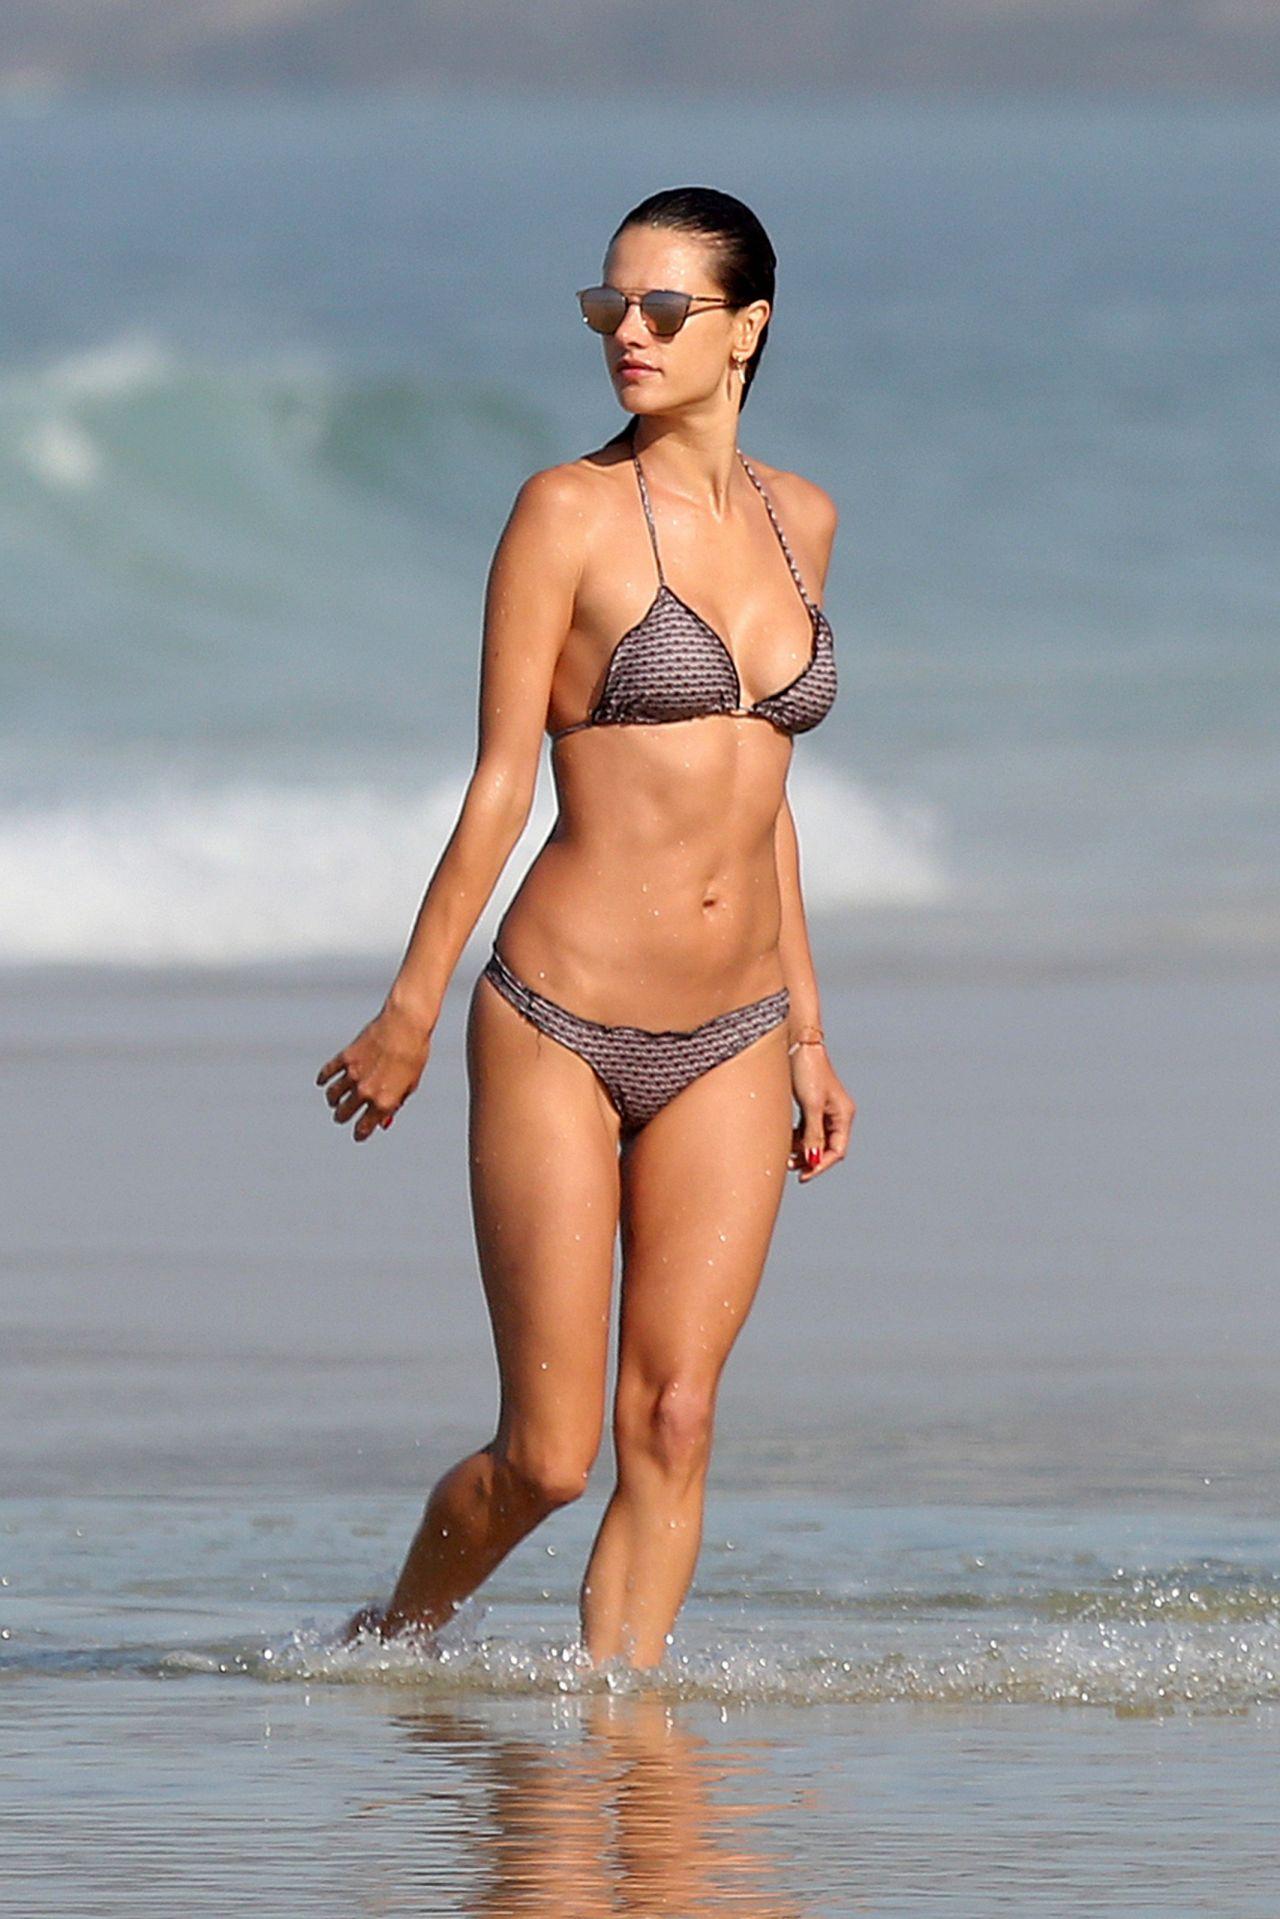 Alessandra Ambrosio in Bikini - Ipanema Beach in Rio de ... алессандра амбросио